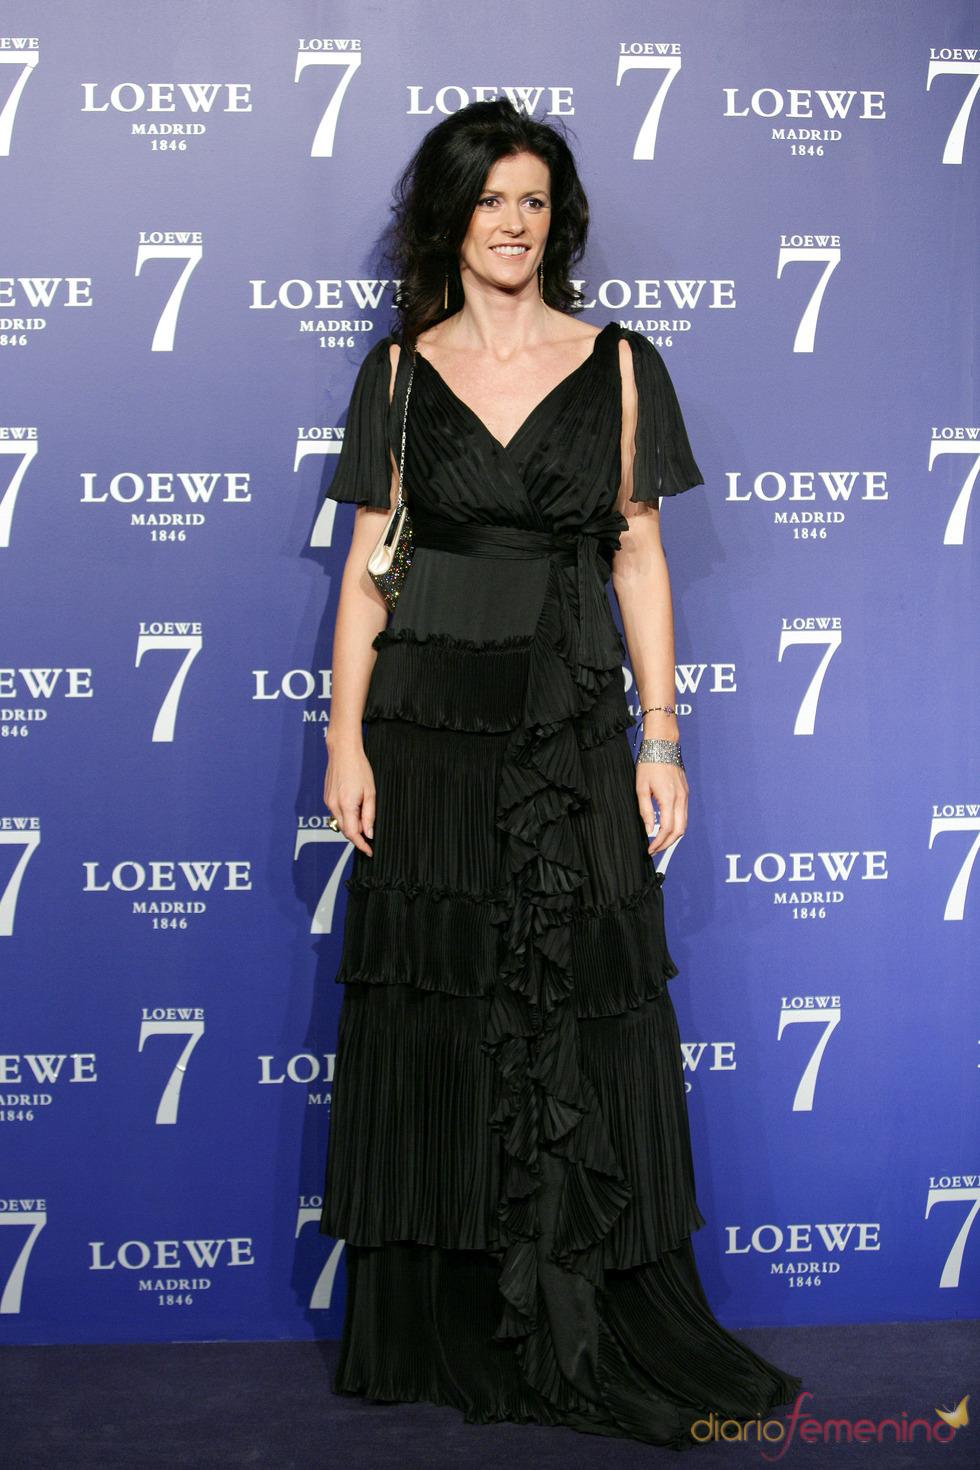 Nuria March en la presentación de la fragancia 7 de Loewe Madrid